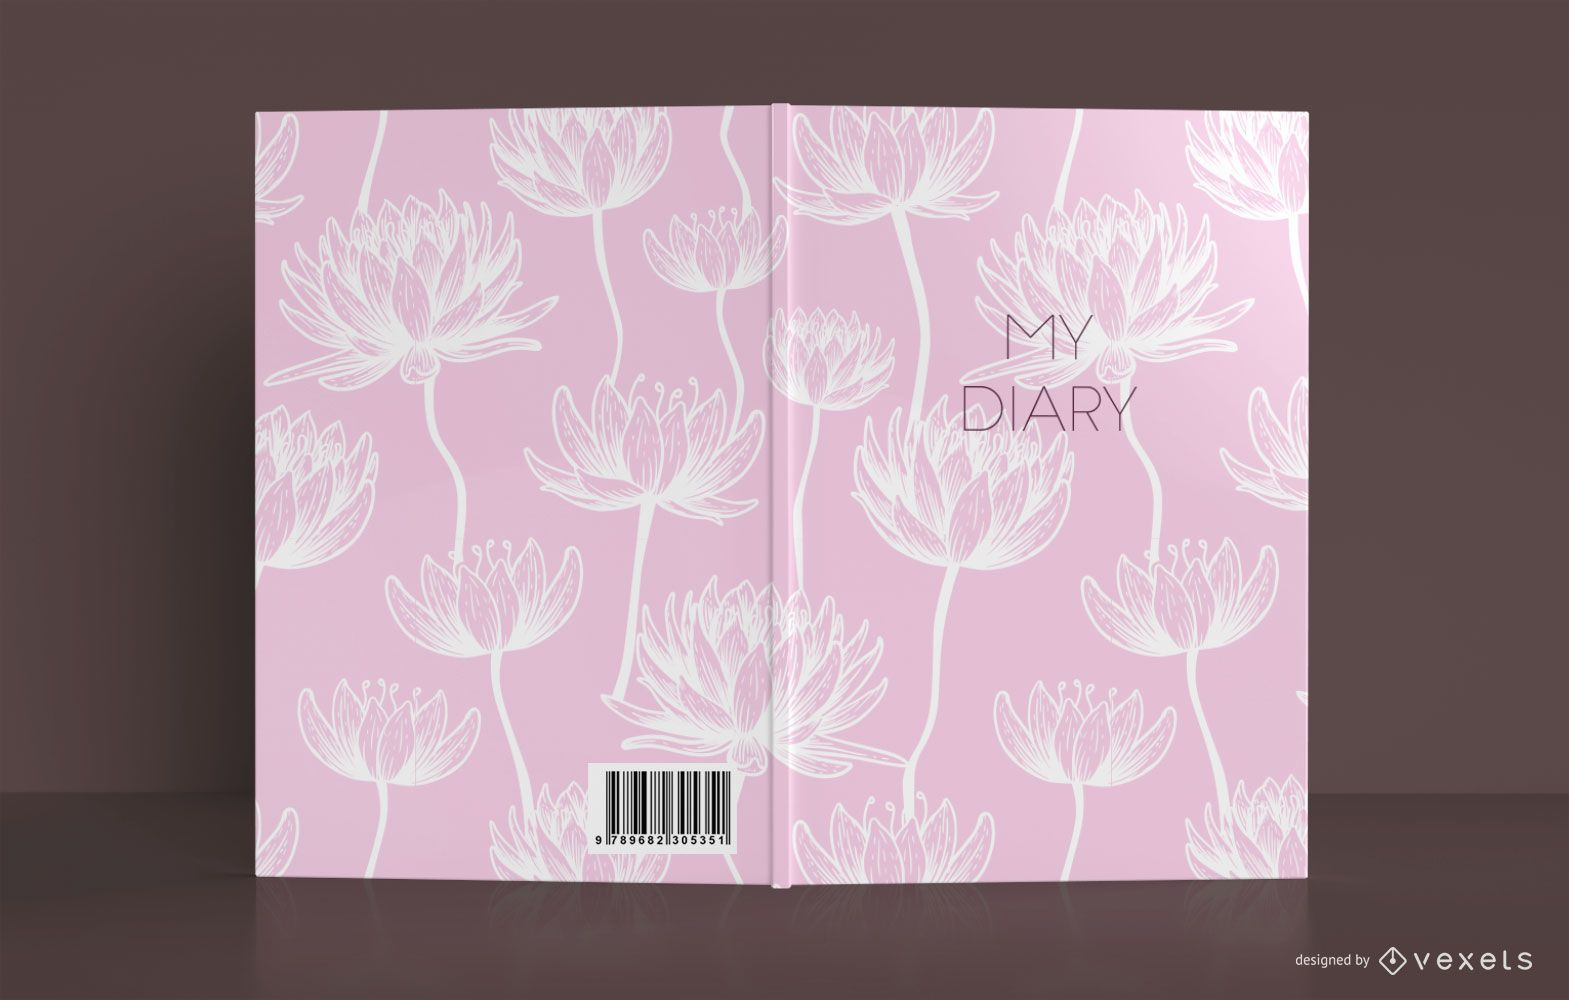 Dise?o de portada de libro Lotus Diary